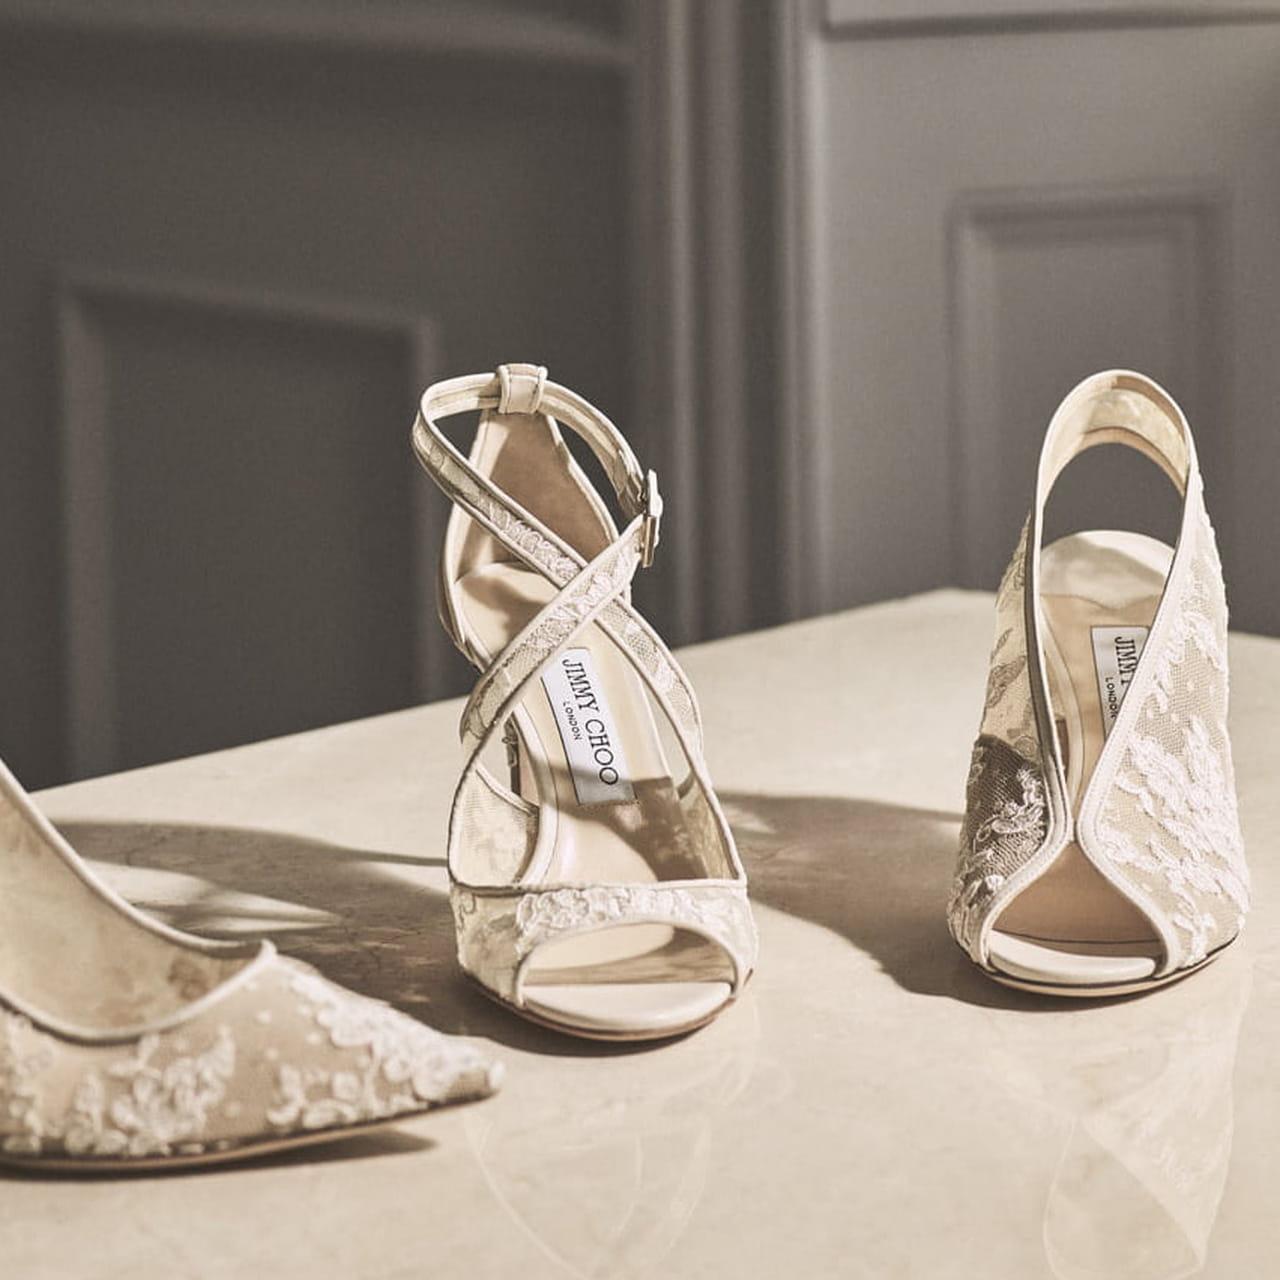 Choisir Ou Baskets Chaussures MariageTalonsÀ Plat En Comment WD2E9HI